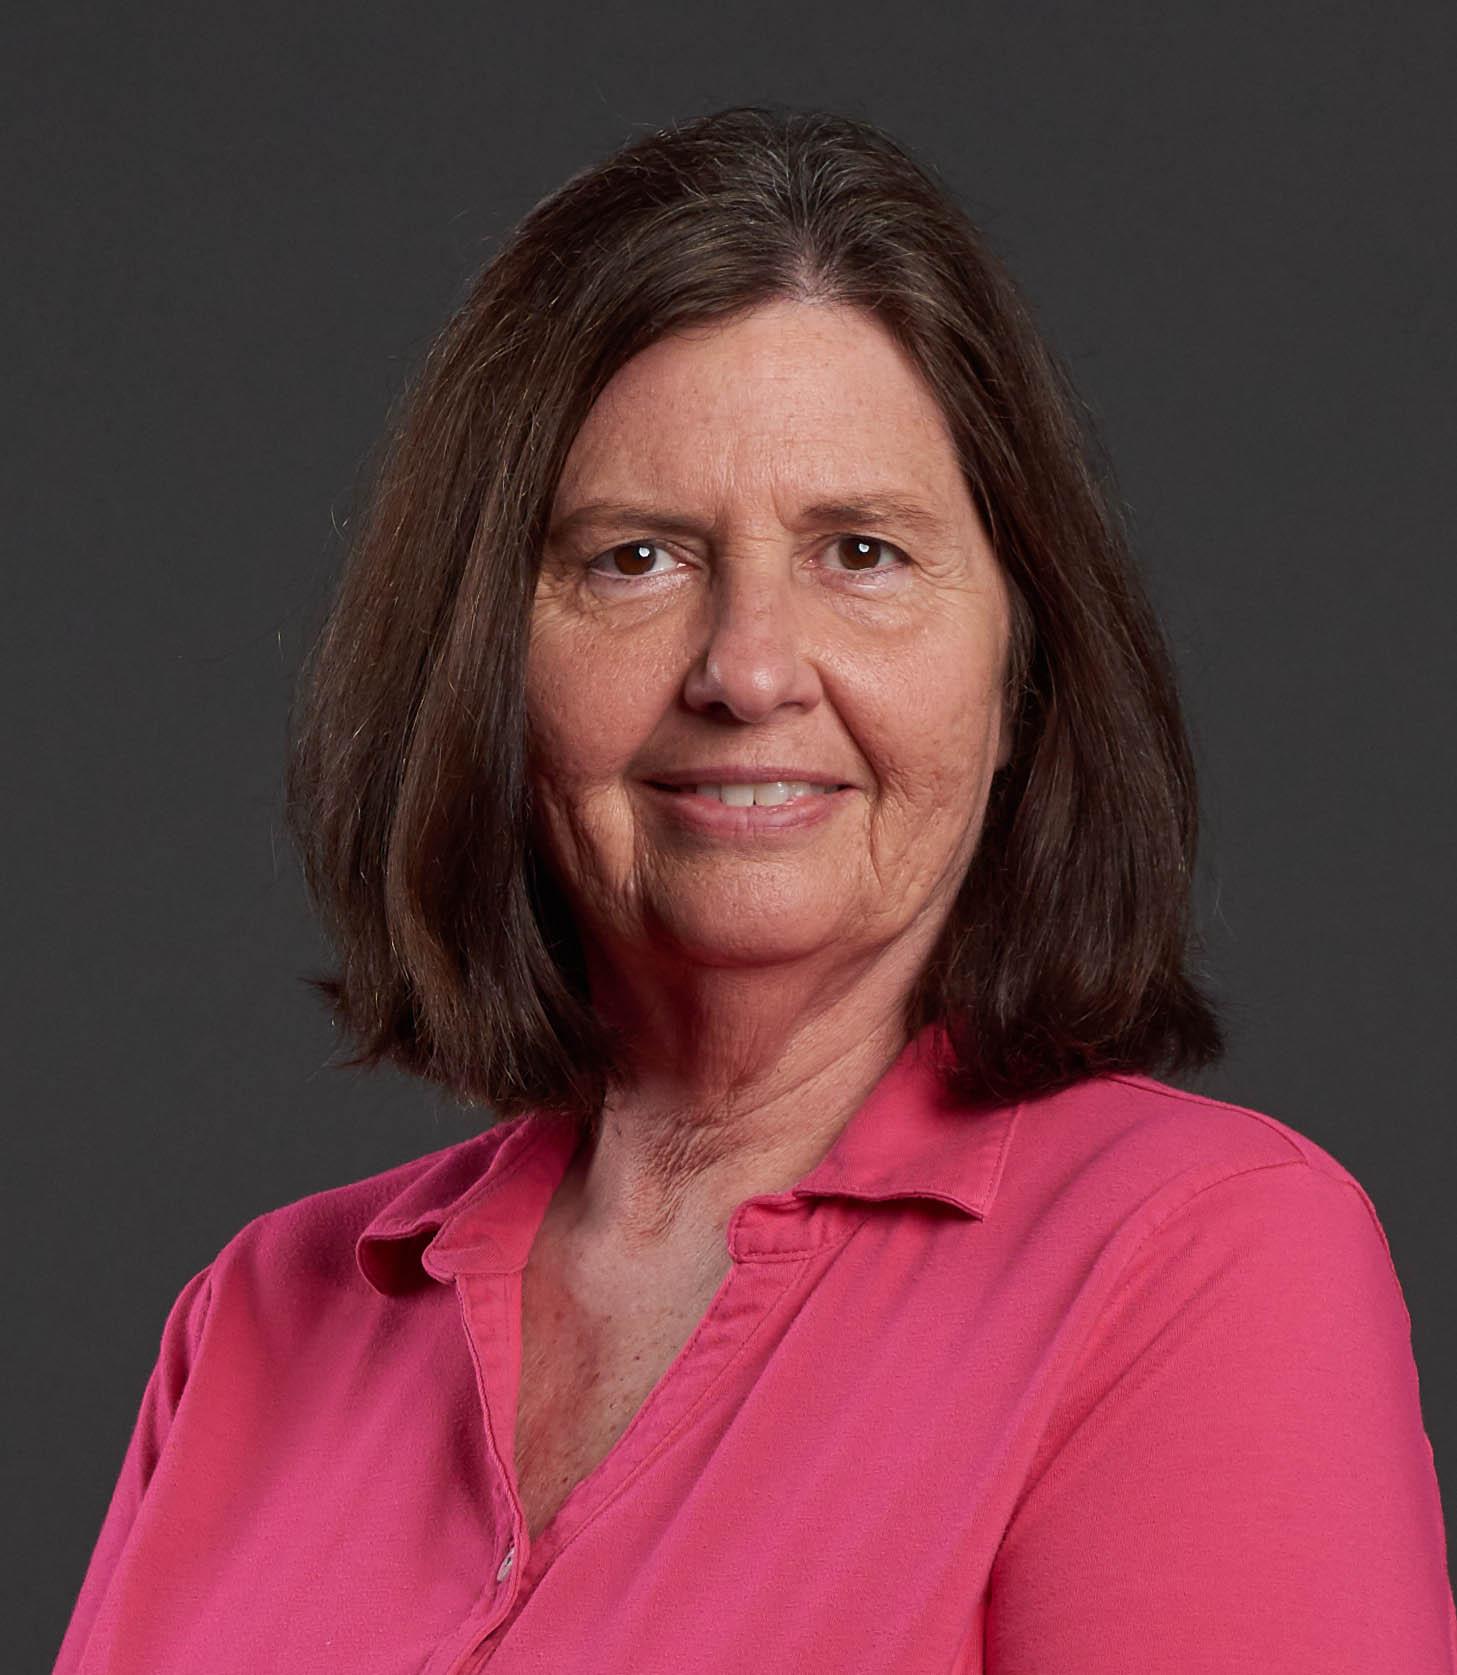 Debbie Castner